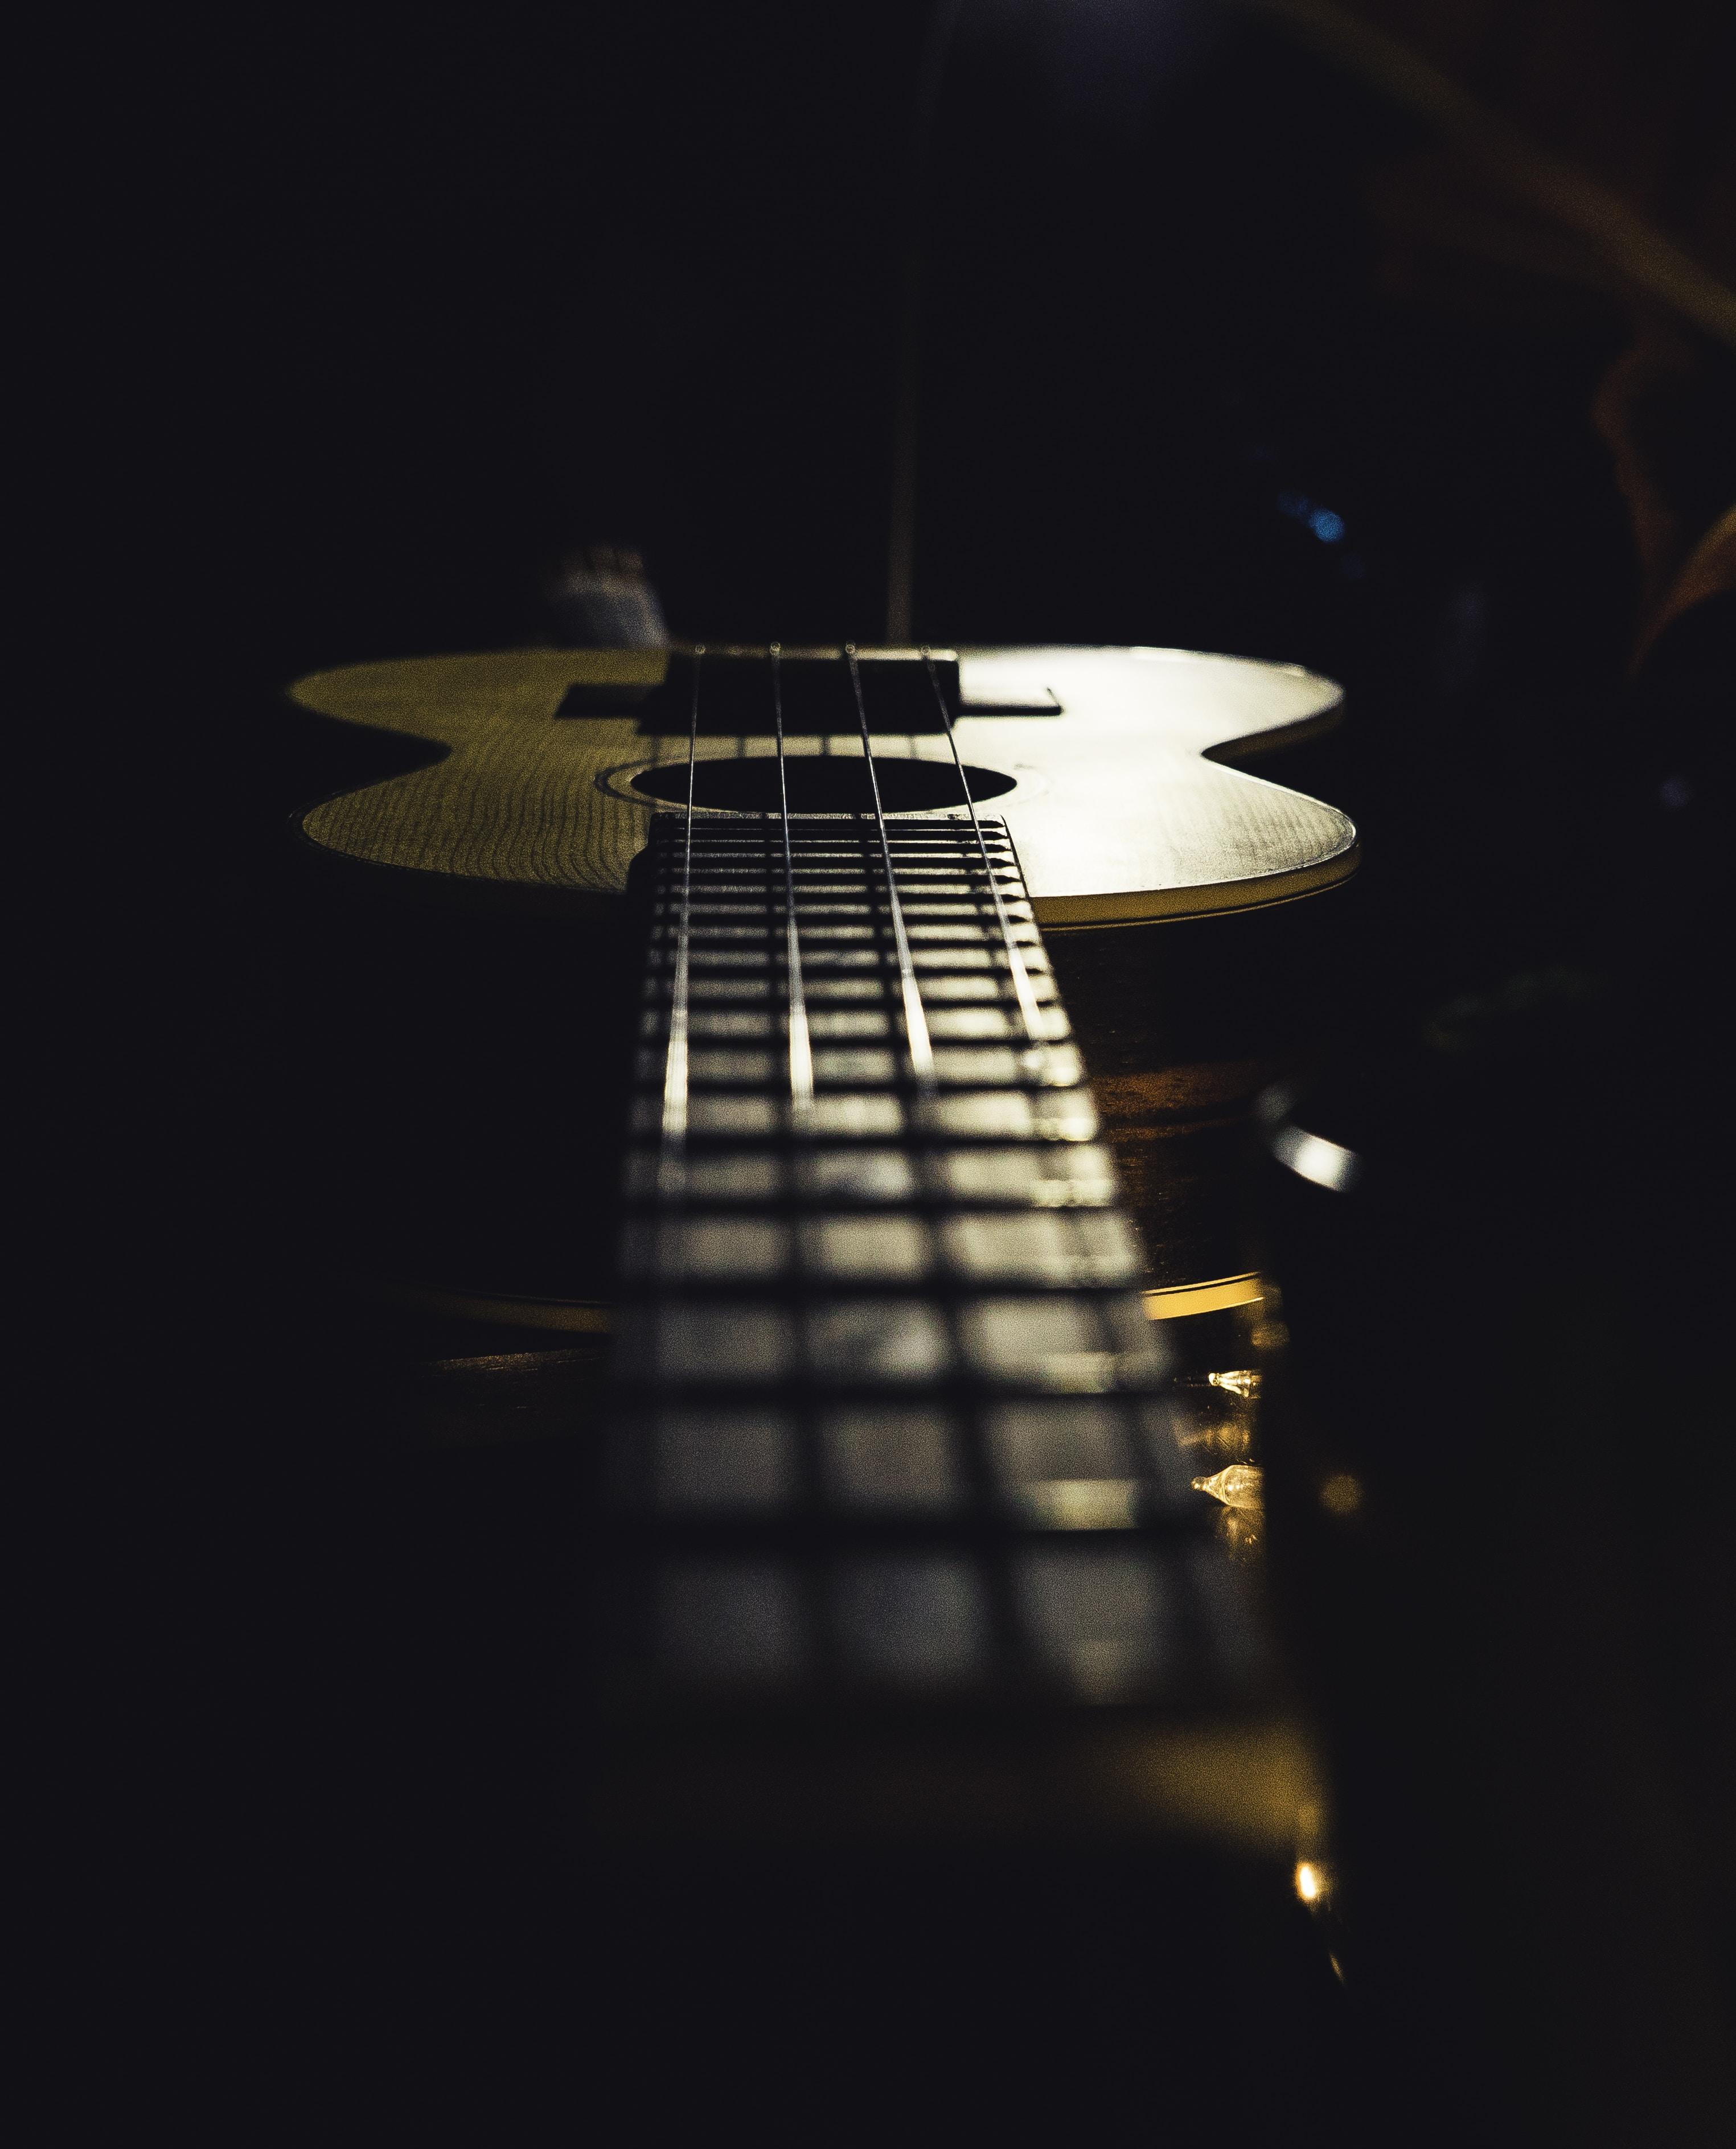 ukulele on wooden surface